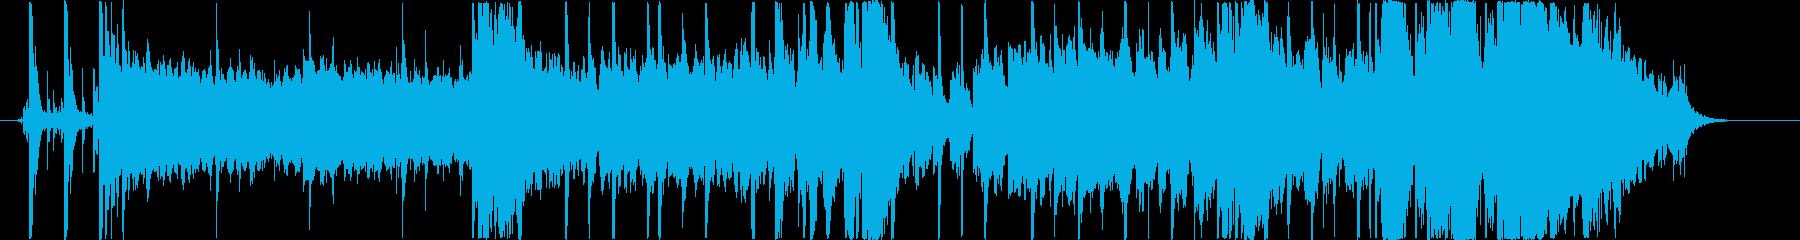 アシッドジャズ風ジングル・サウンドロゴの再生済みの波形